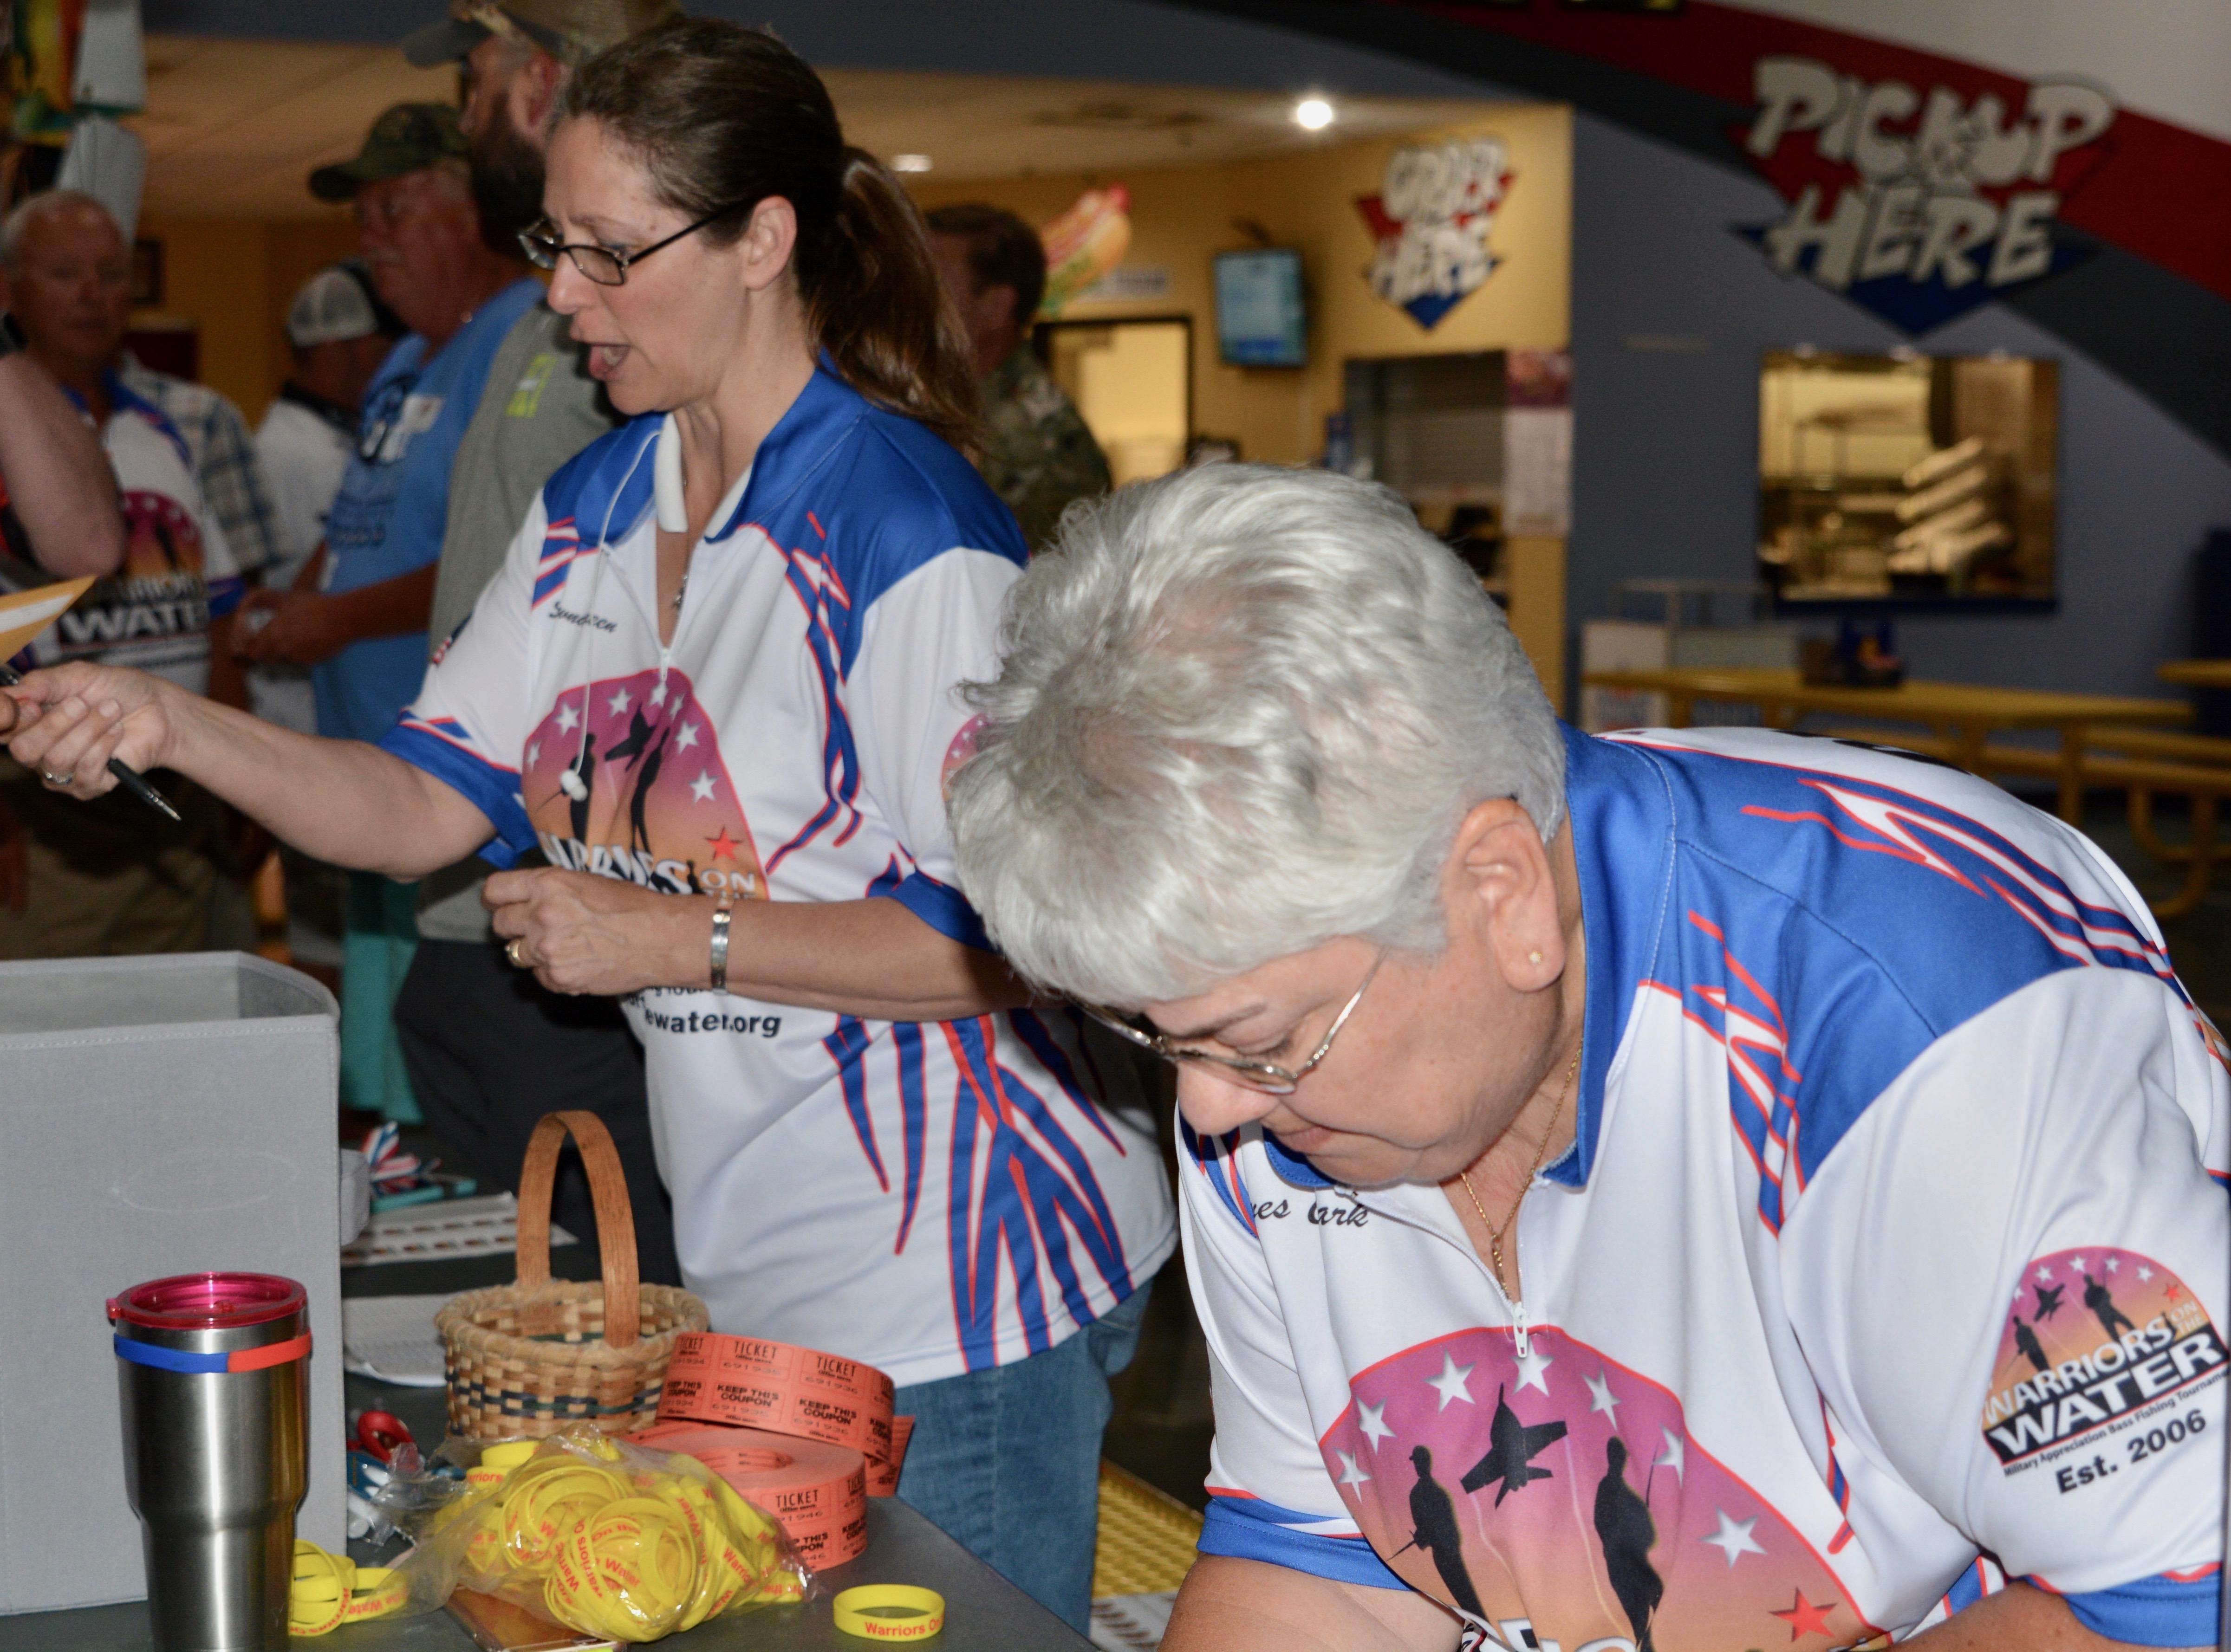 Volunteers at Icebreaker Ft. Bragg